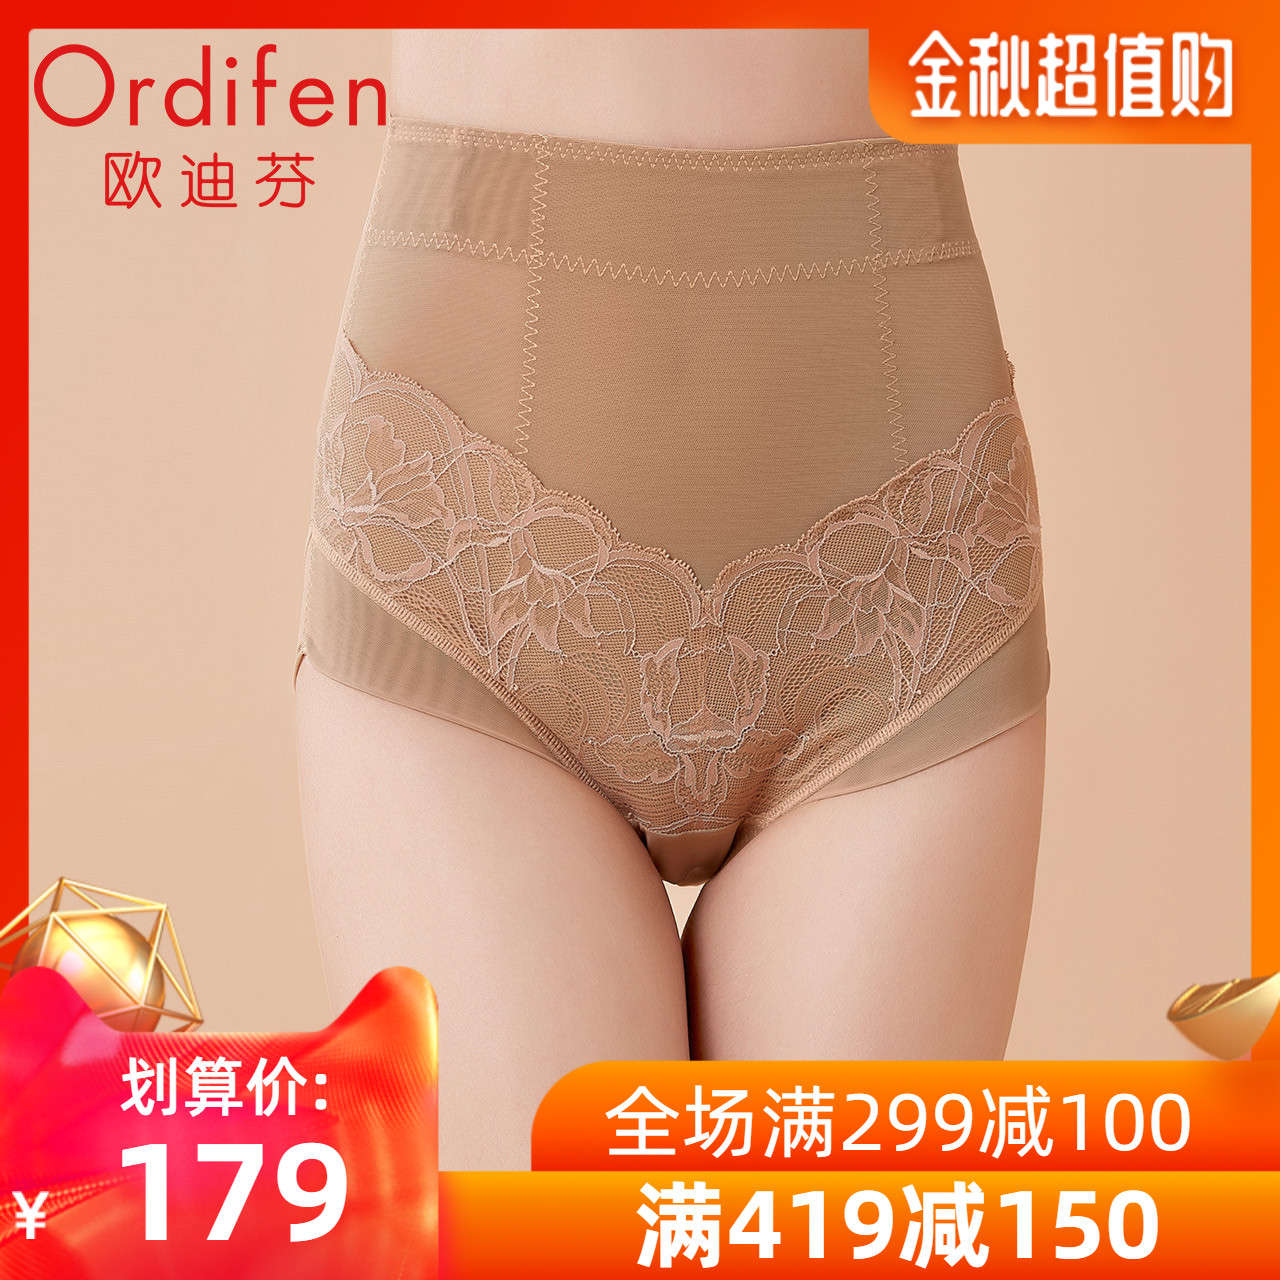 欧迪芬女士高腰三角裤收腹束腰塑裤11月30日最新优惠